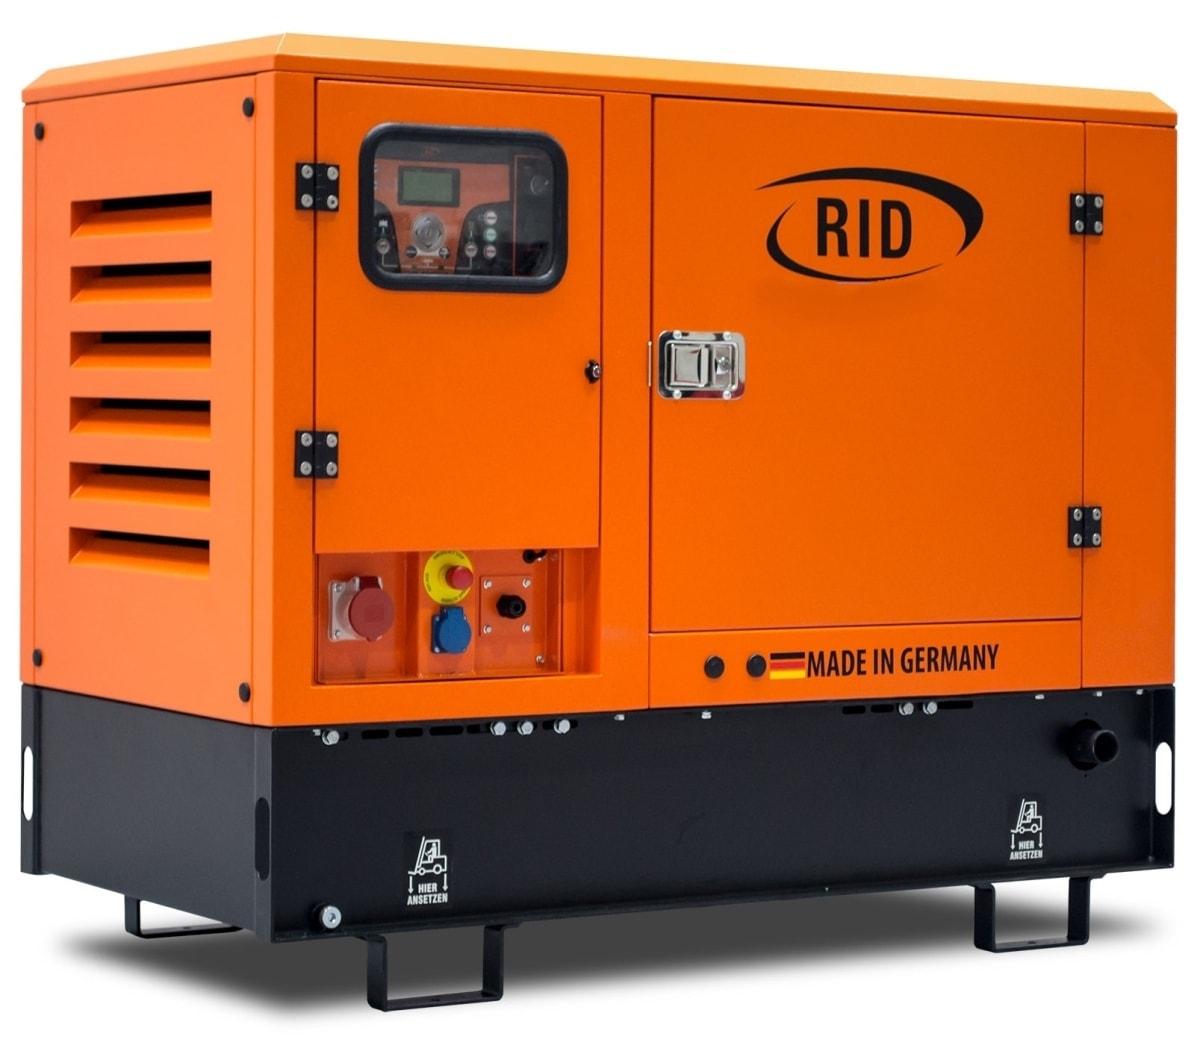 дизельная электростанция rid 15 e-series s